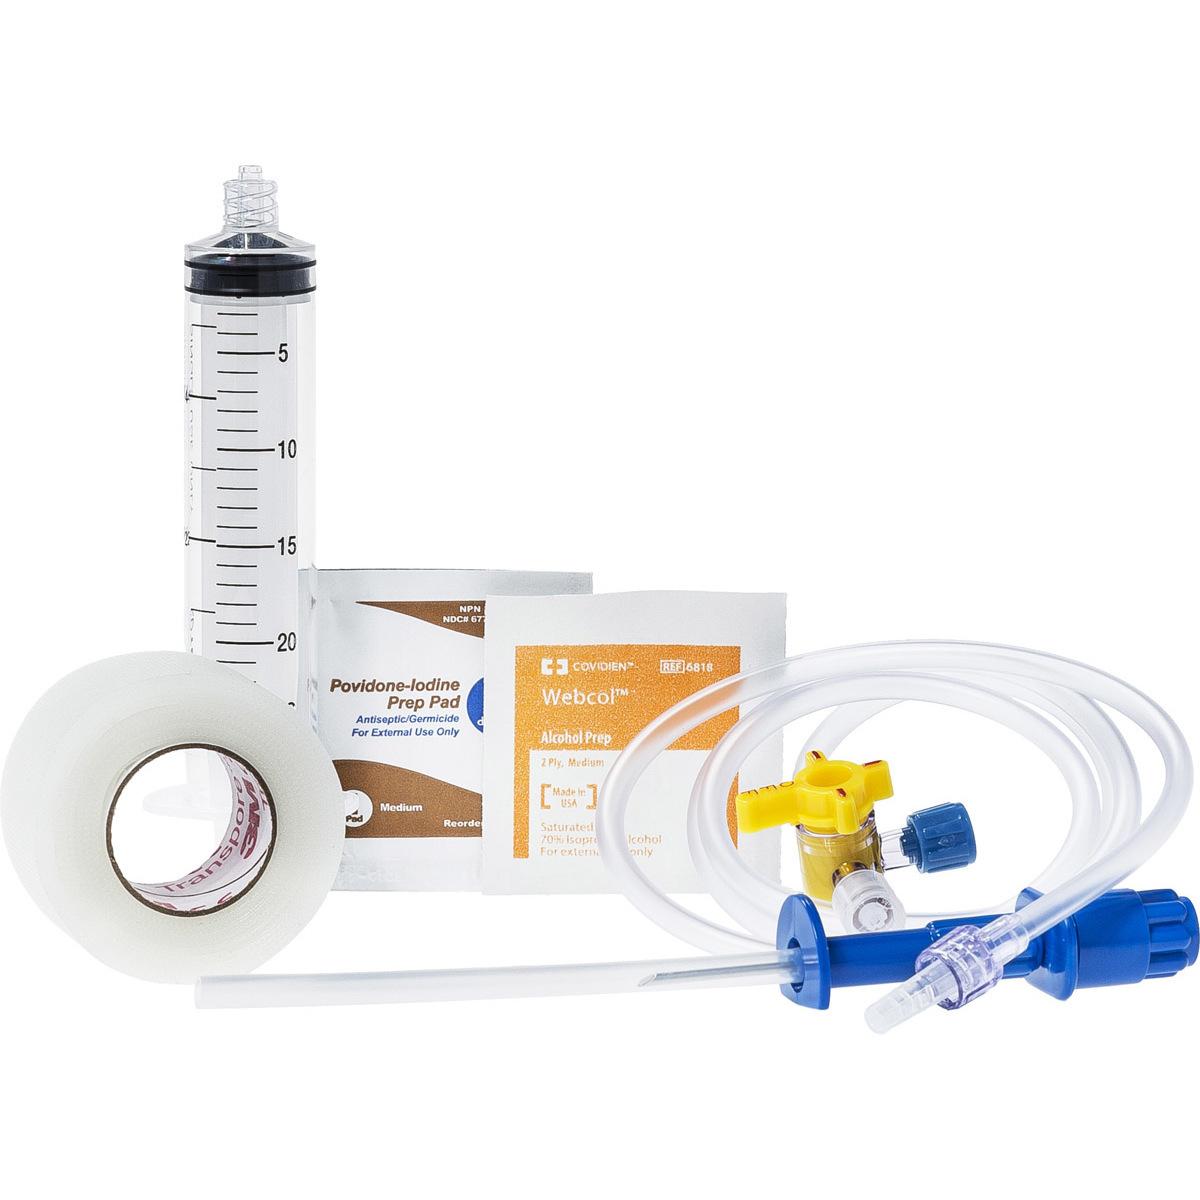 Kits de infusión intraósea Curaplex